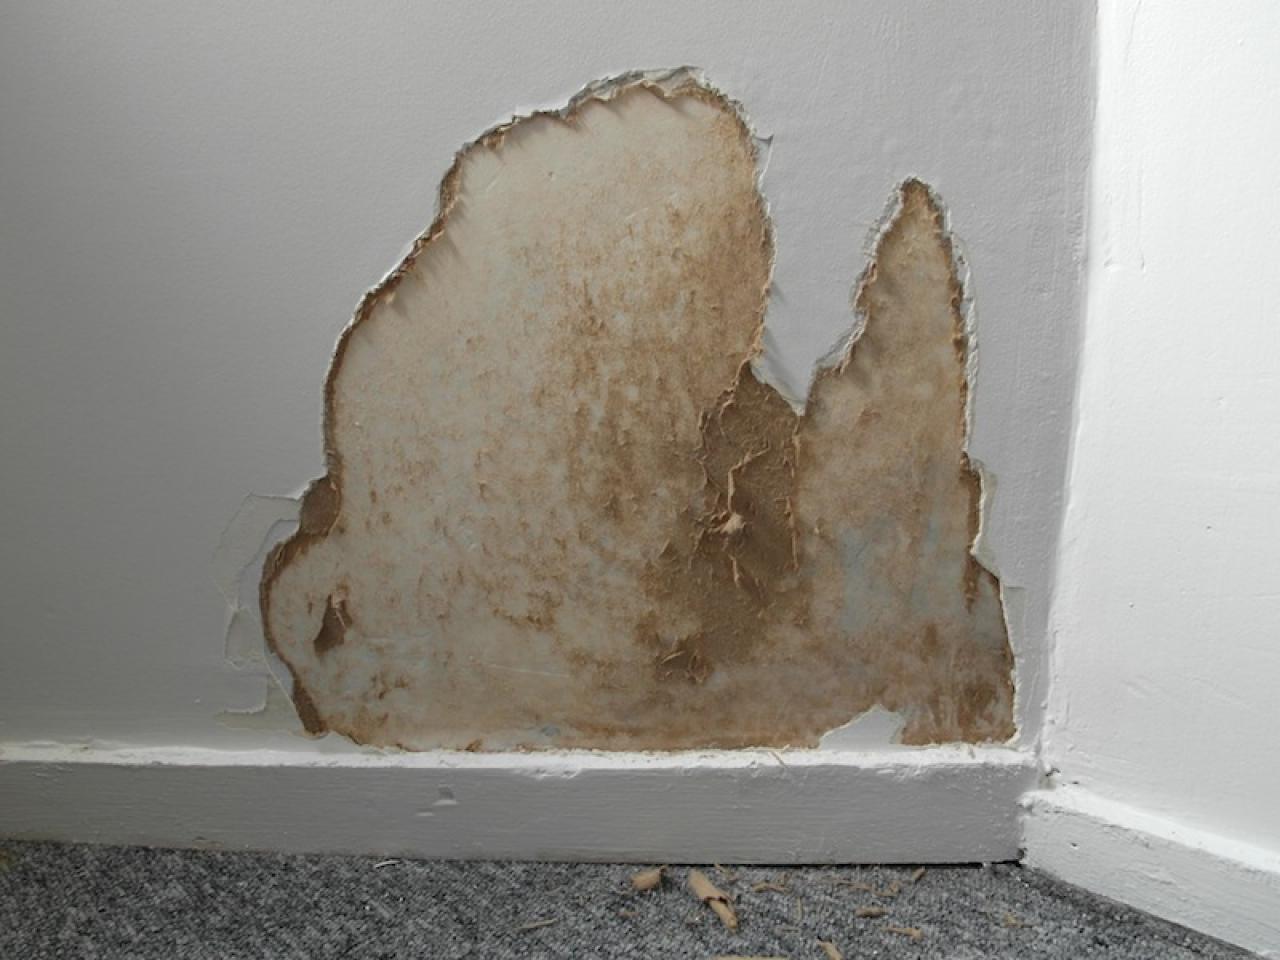 Comment r parer une fuite dans un mur baltic - Comment eliminer la poussiere dans une maison ...